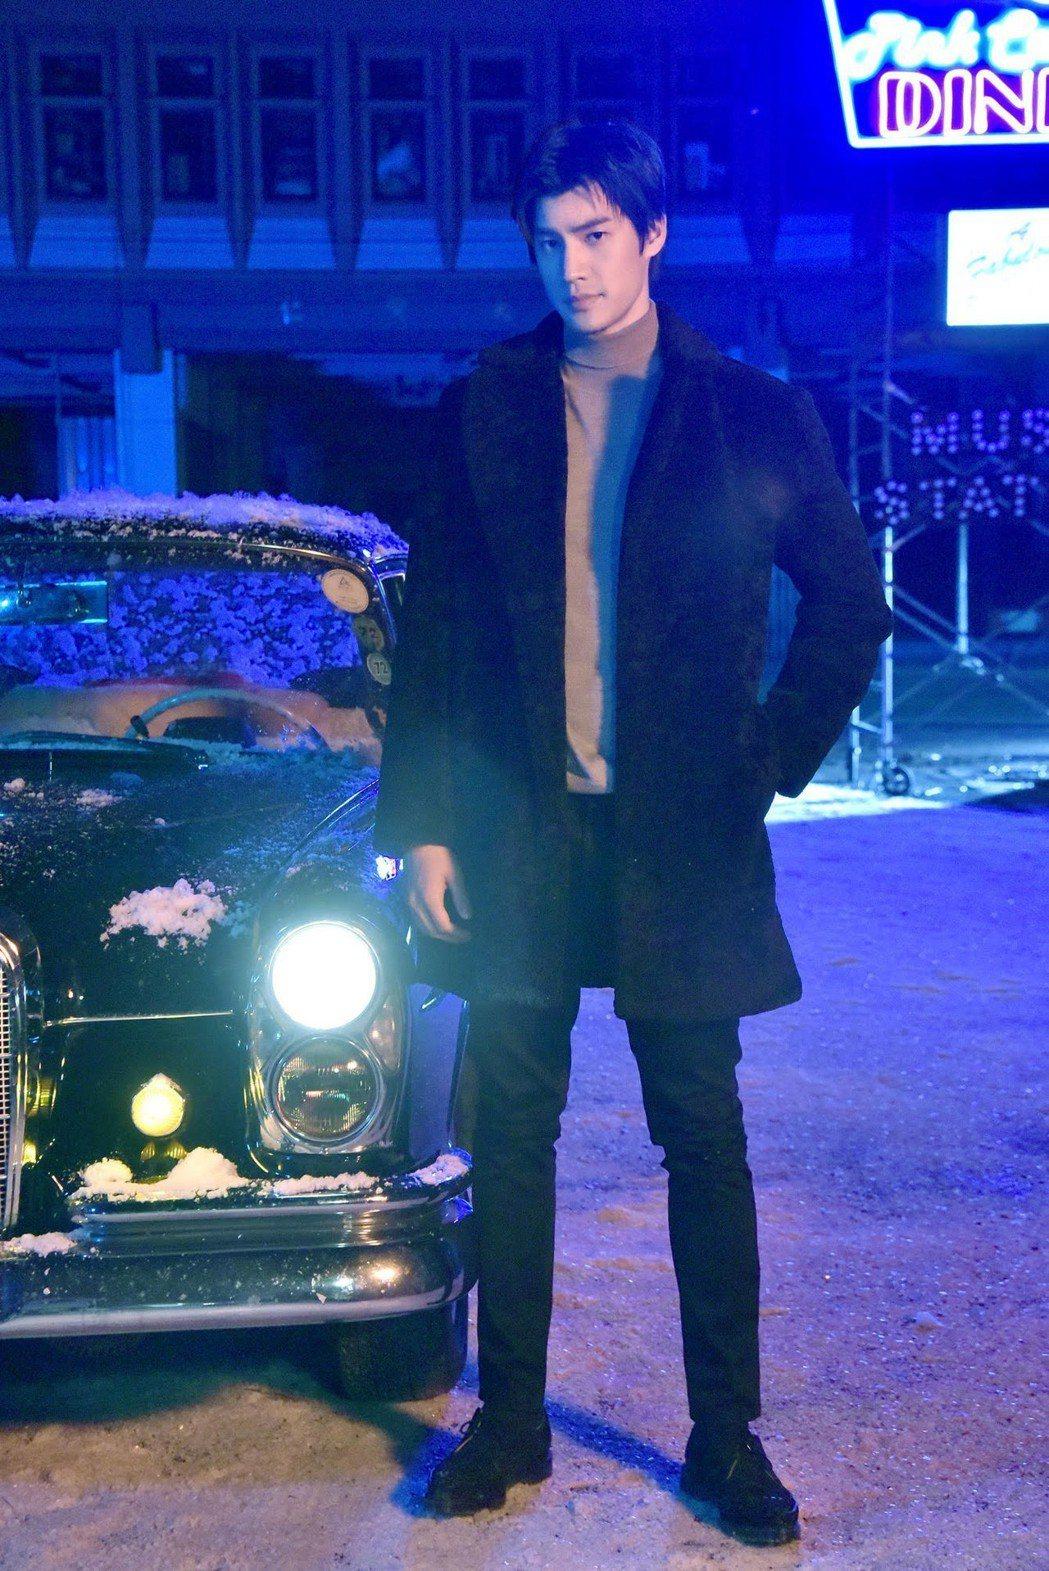 羅宏正特別喜歡身後的千萬賓士古董車。圖/太陽娛樂提供